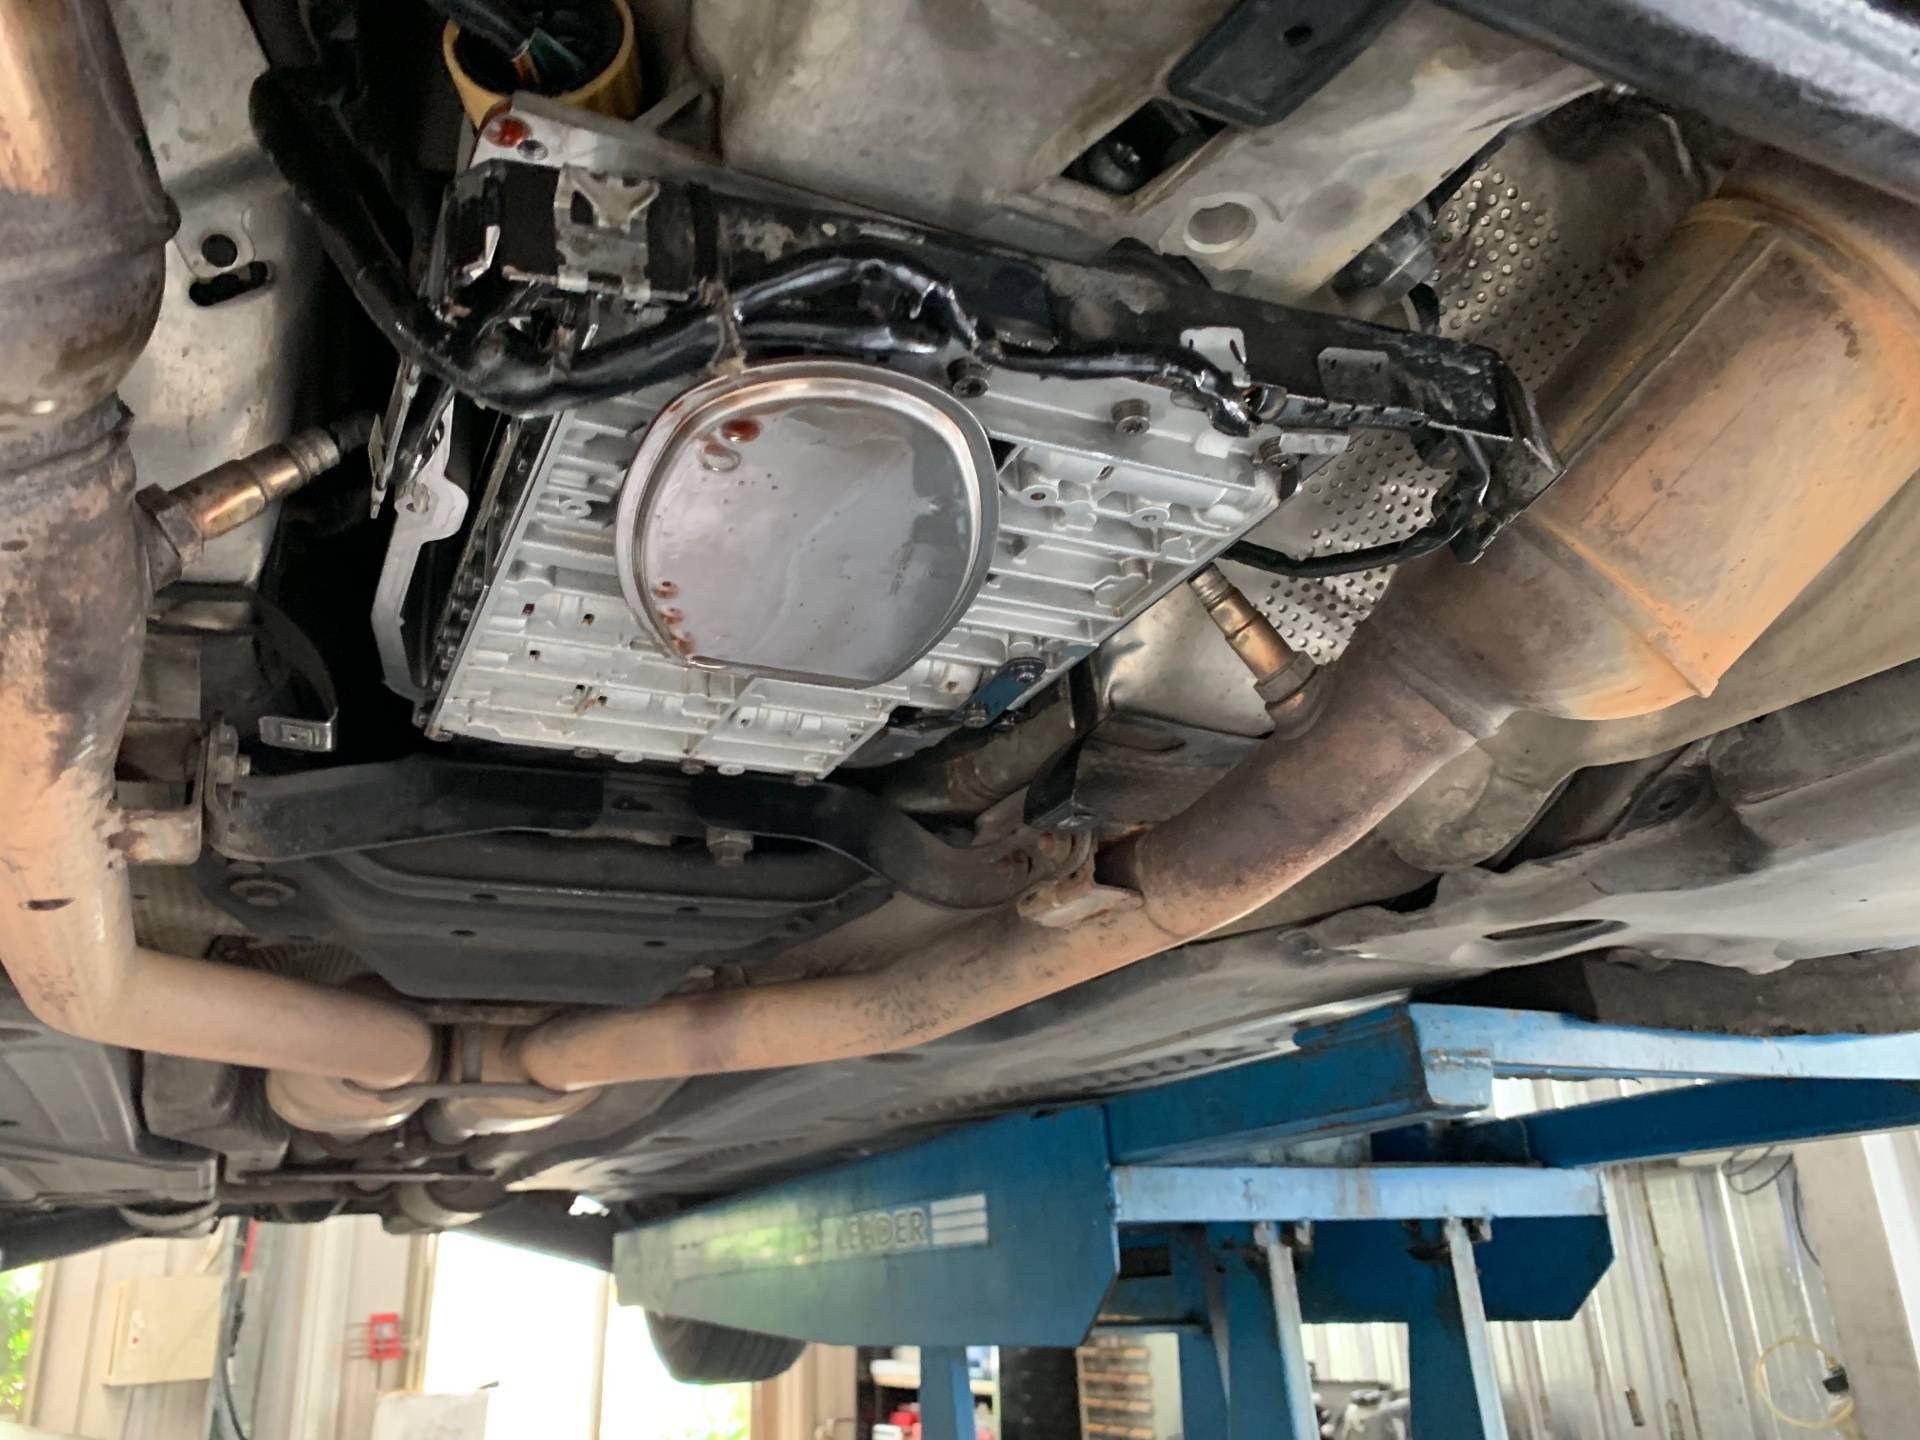 【振傑汽車】賓士/BENZ S320/入檔無反應#不定時的鎖檔#變速箱電路板#行駛鎖檔#異常鎖檔#變速箱問題#賓士維修#OiCar推薦汽車保修鈑烤預約保障車廠